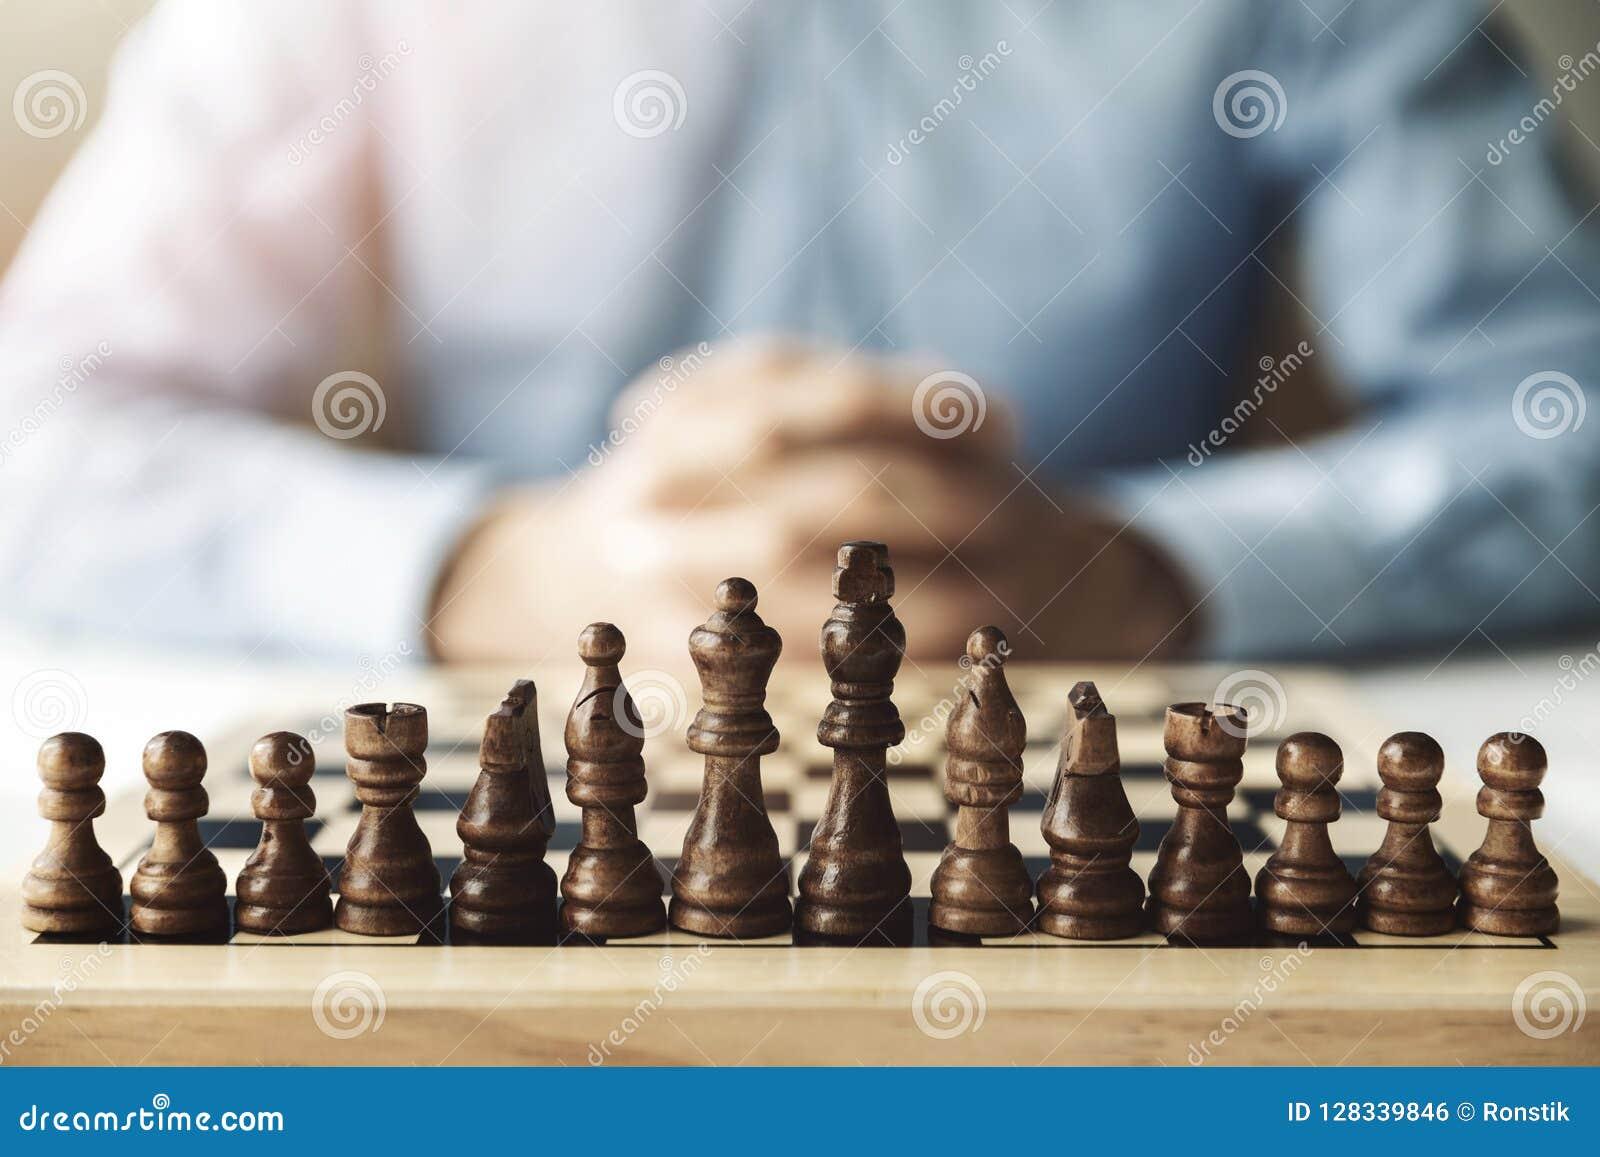 Estrategia empresarial y concepto del desafío